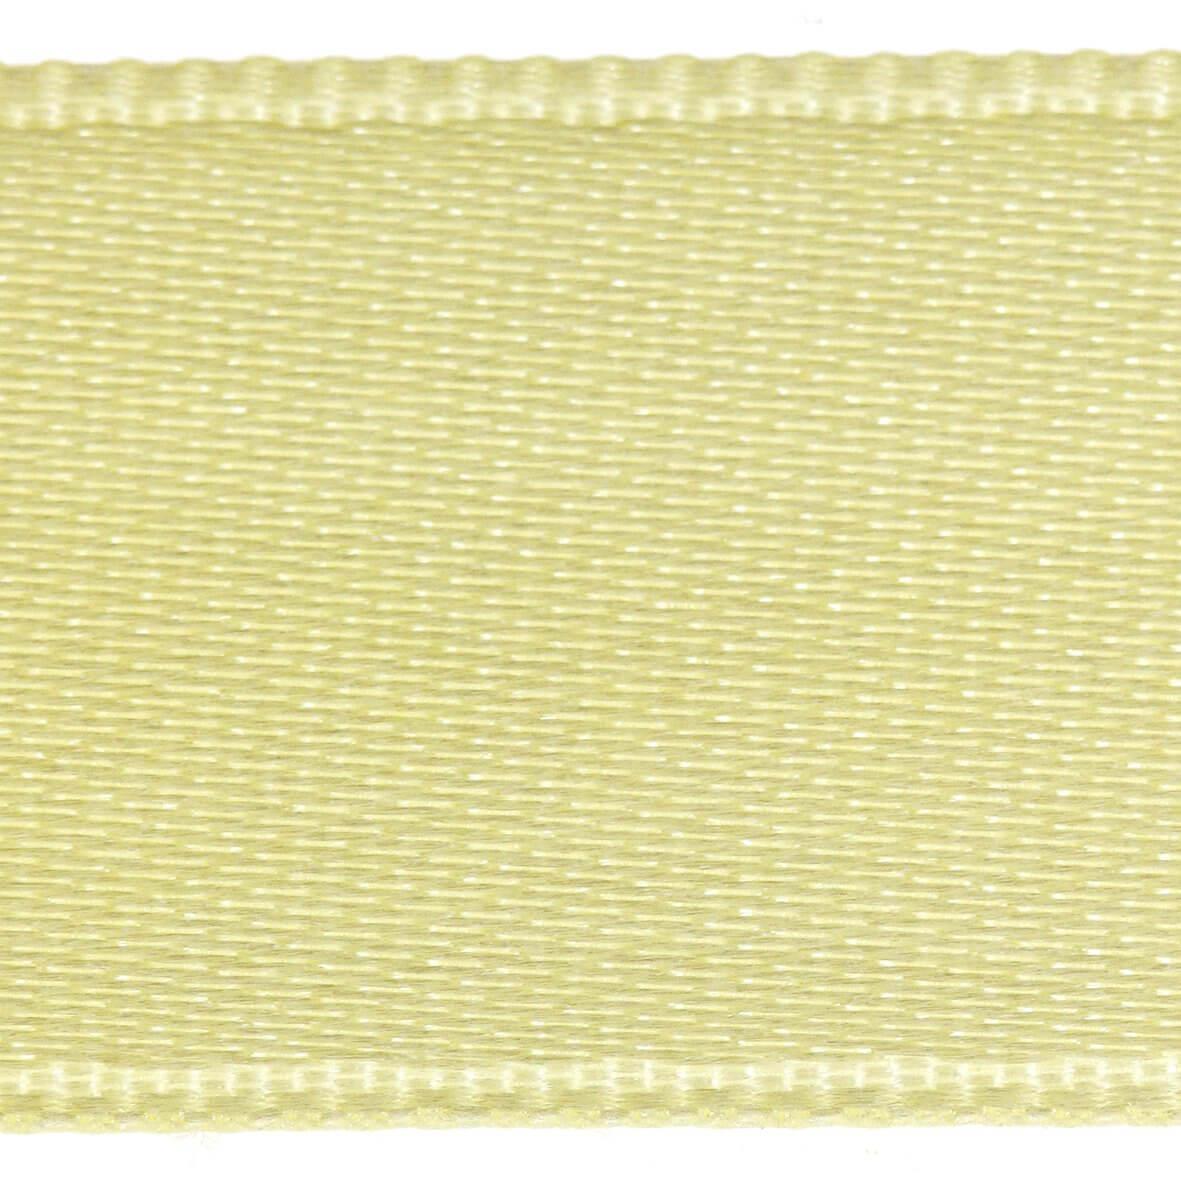 Pale Lemon Col. 217 - 15mm Satab Satin Ribbon